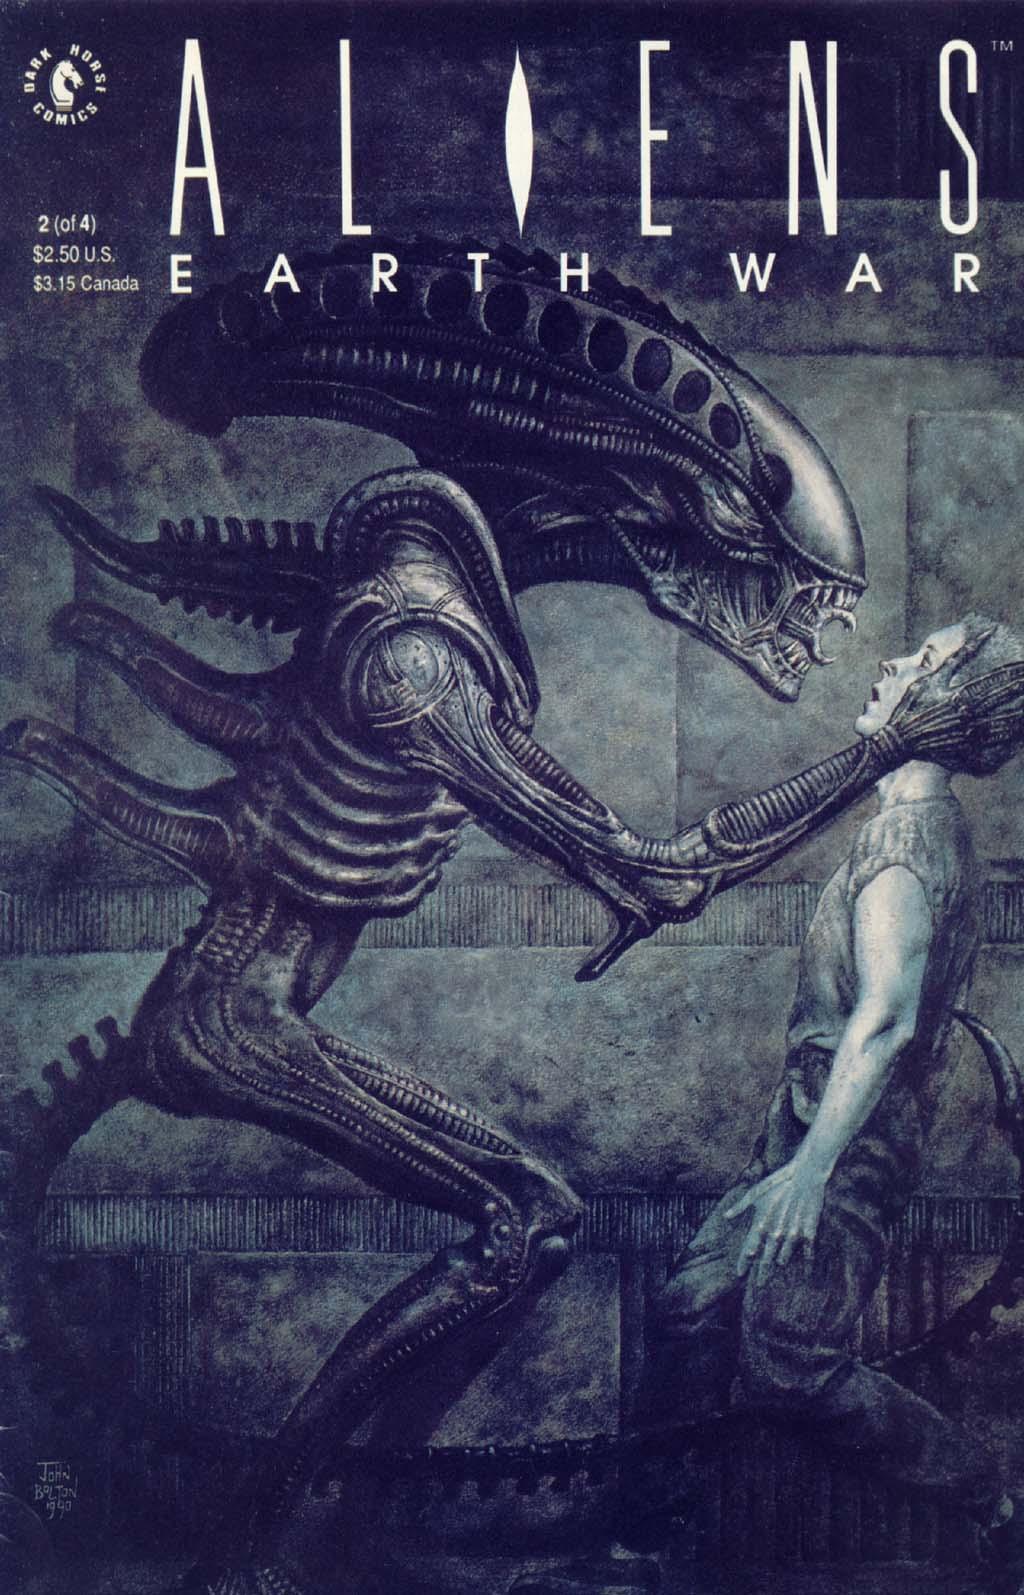 Read online Aliens: Earth War comic -  Issue #2 - 1